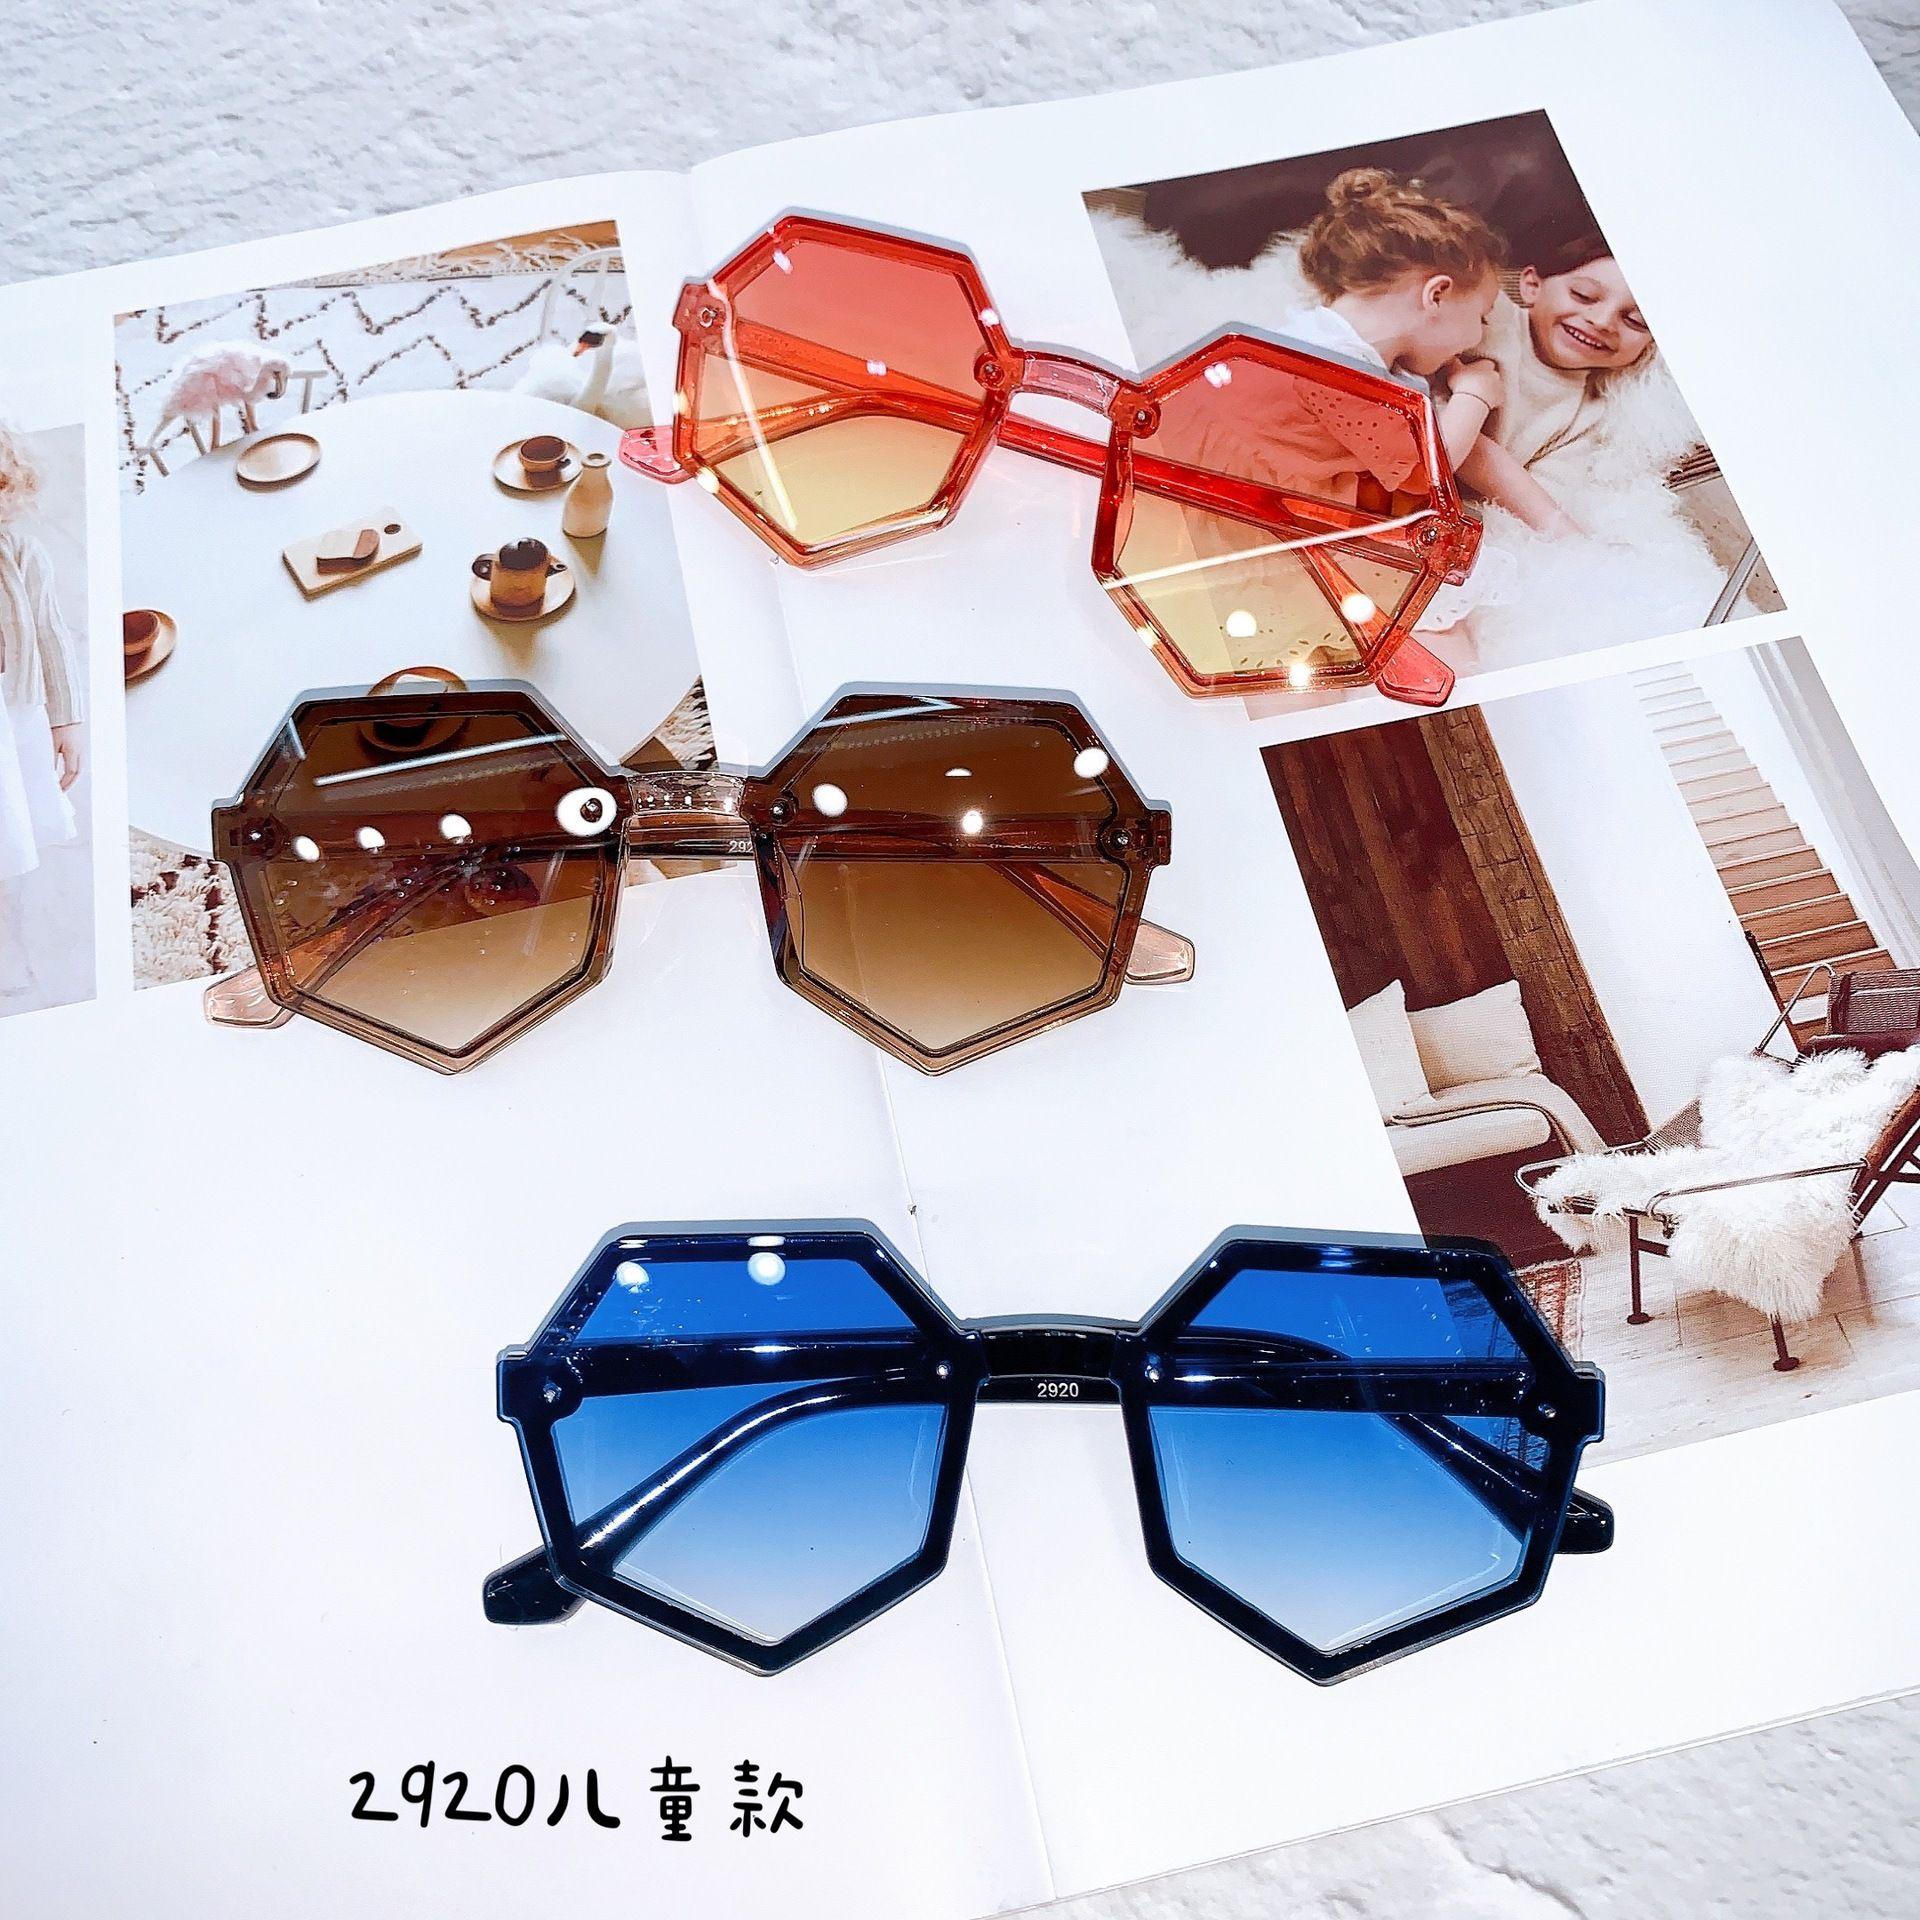 NOUVEAUX ENFANTS Polygonal PC Cadre Sunglasses Enfants UV400 Street Photo Soleil Soleil Soleil Tachettes de soleil Boyes Garçons Verres Adumbraux C6741